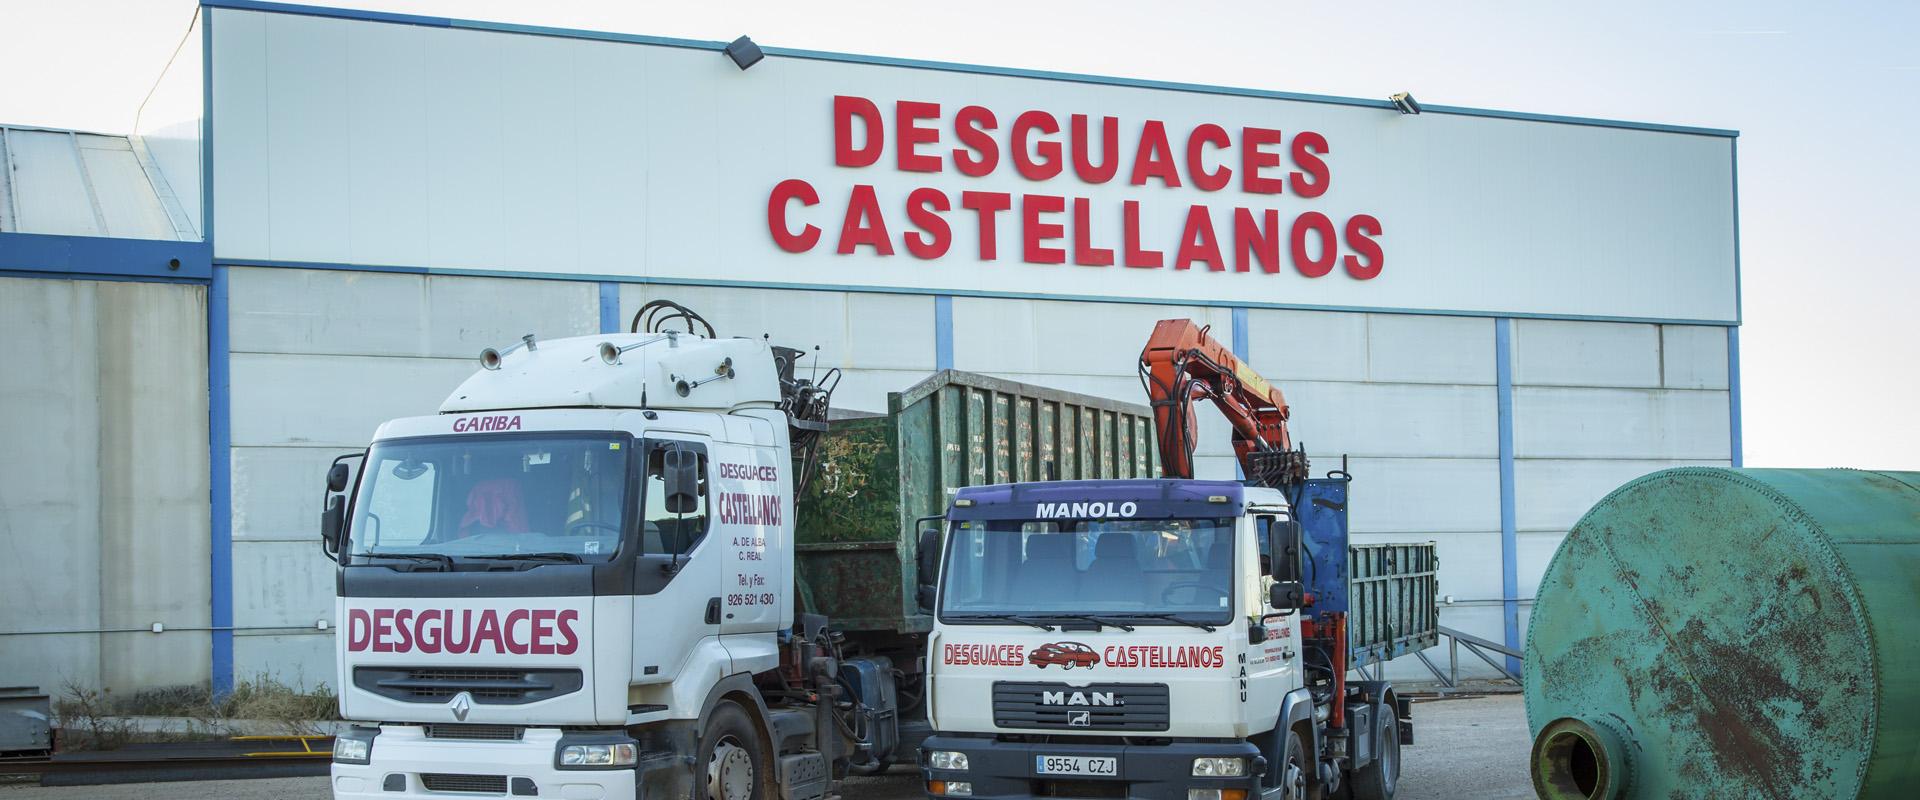 Desguaces Castellanos